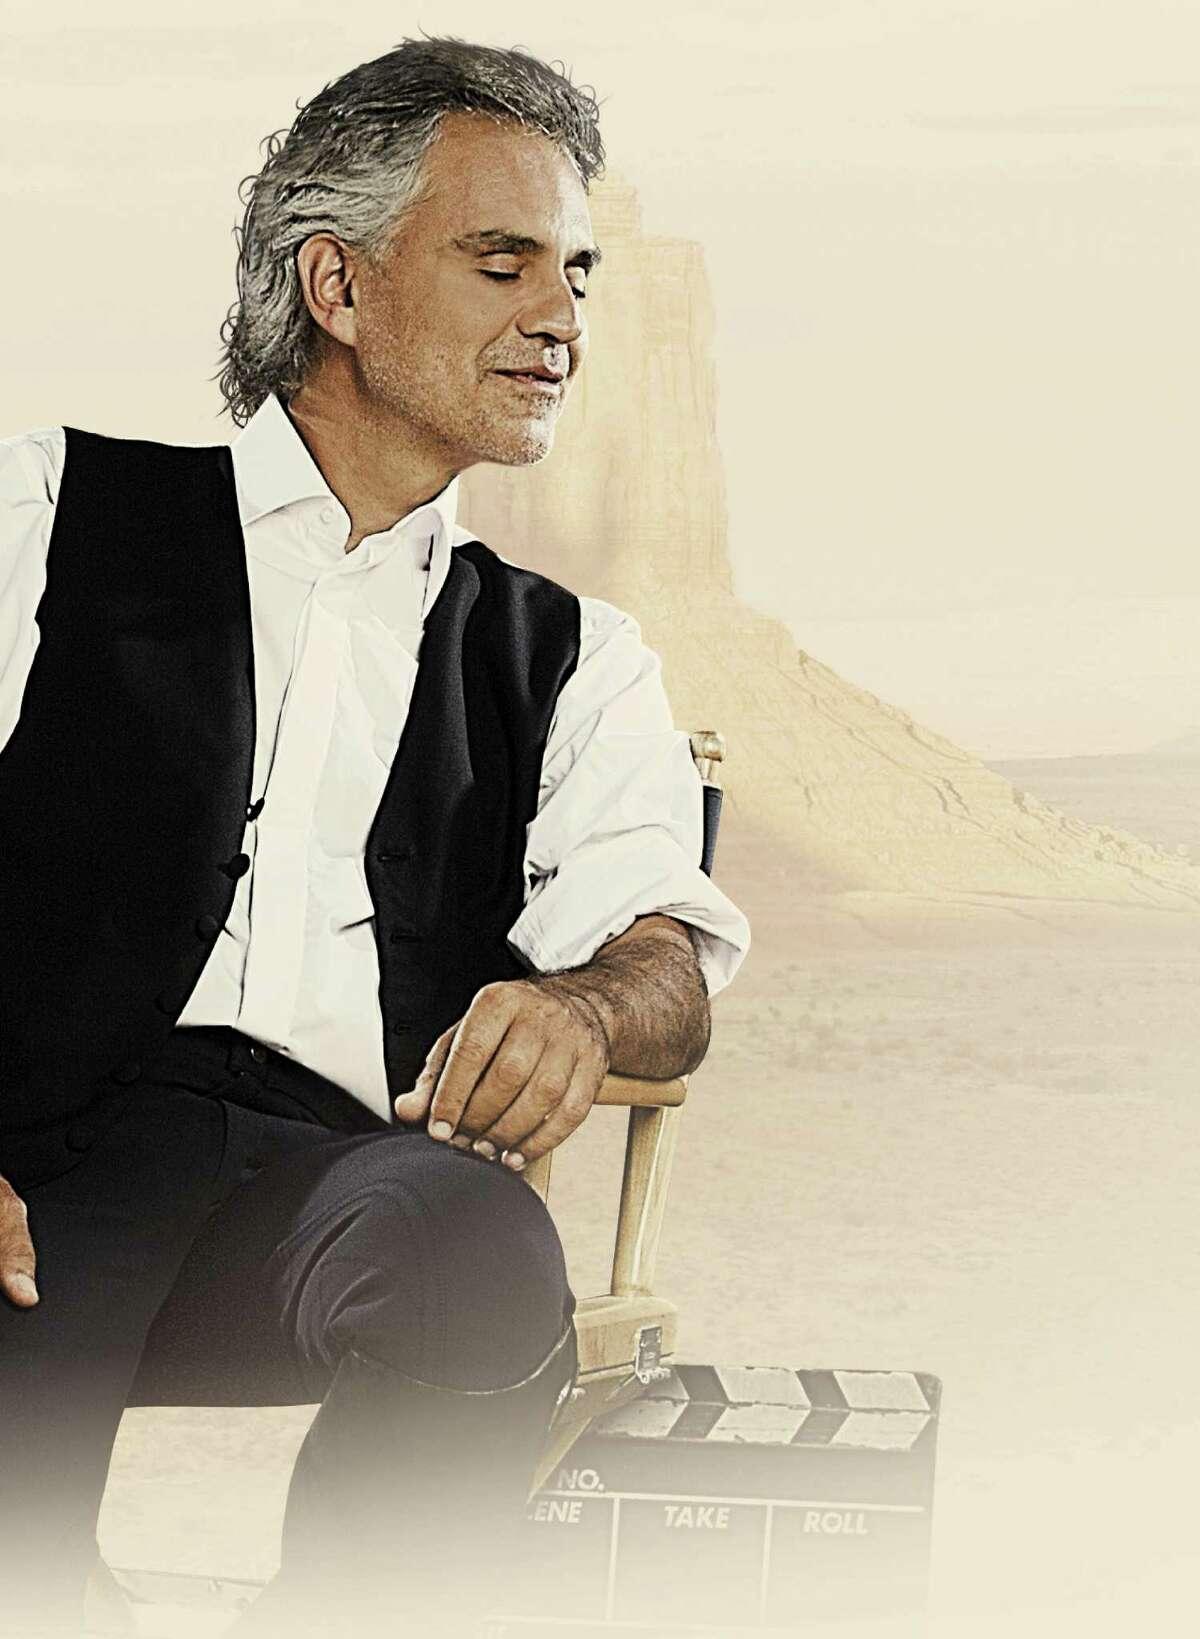 Andrea Bocelli image for his 2015 album,